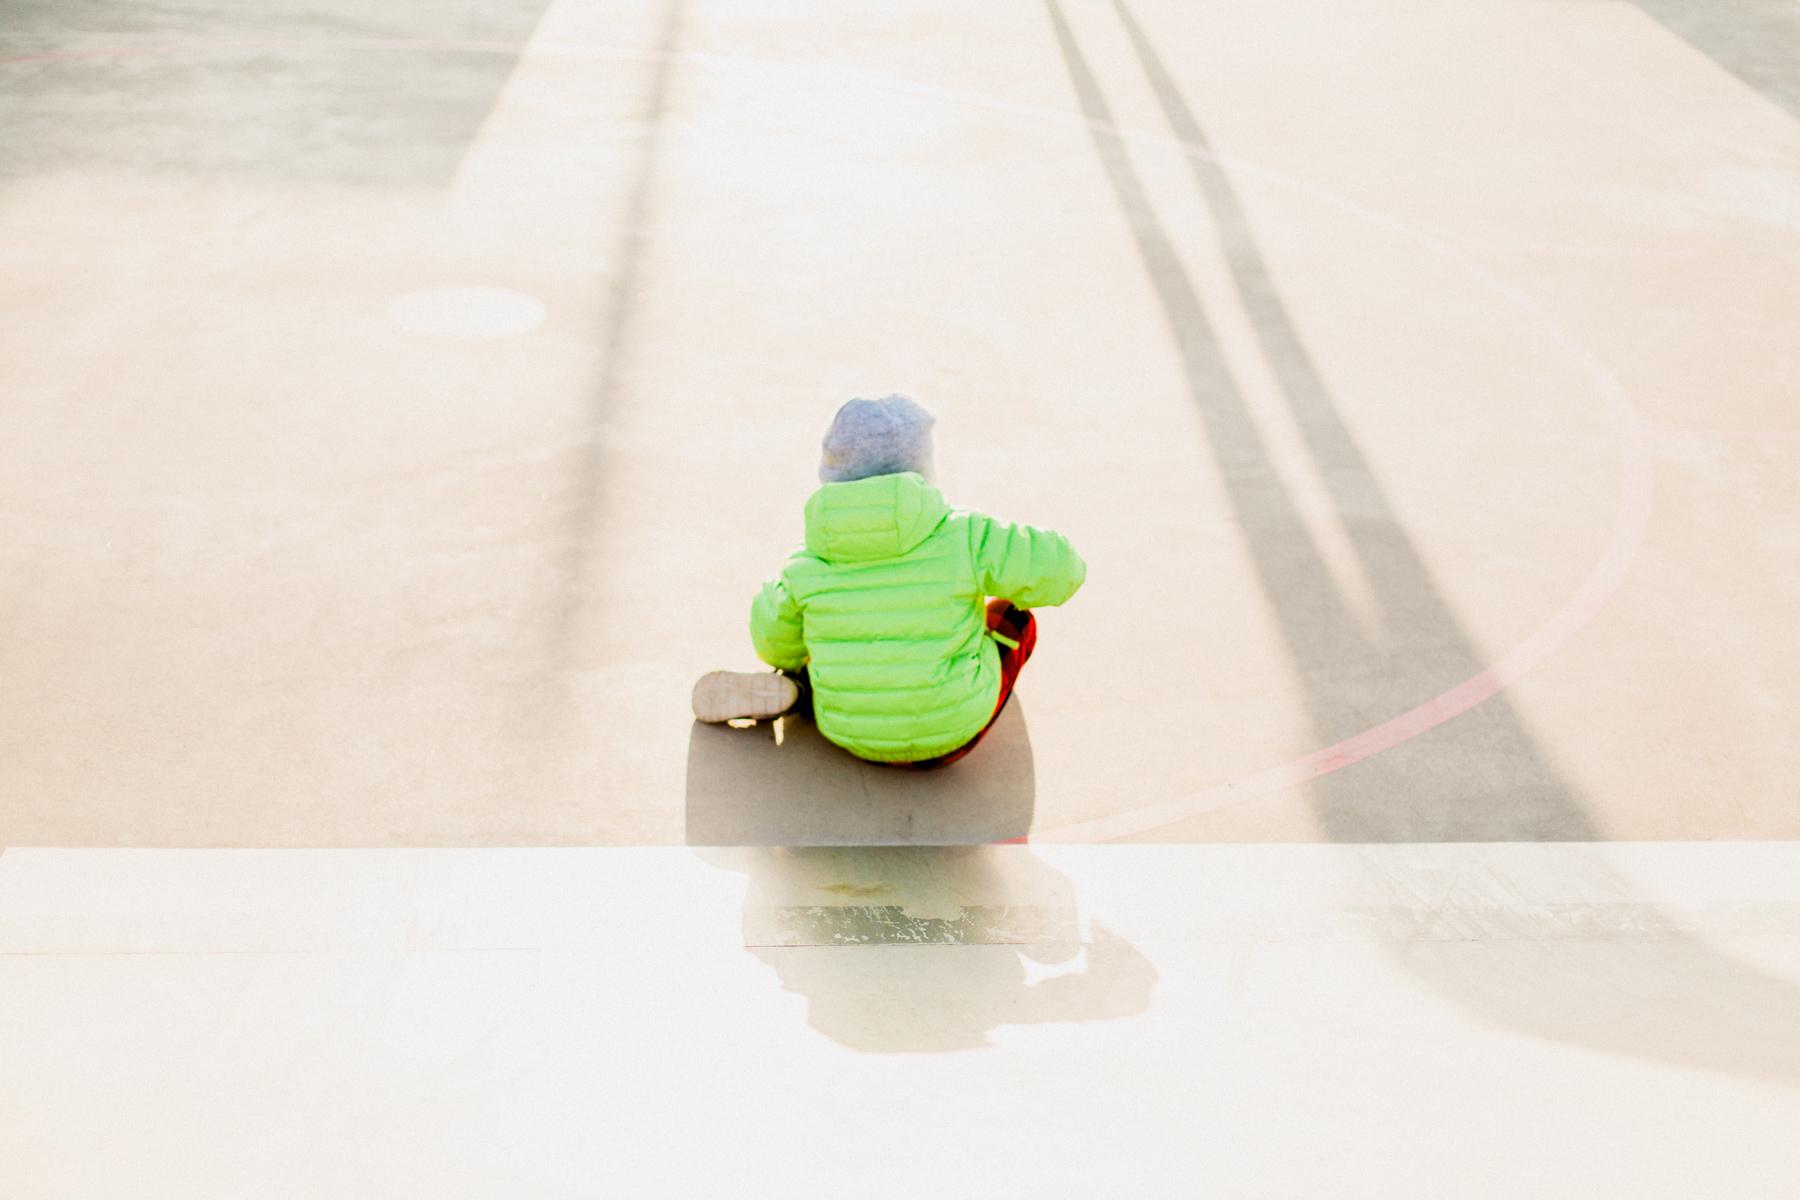 Blaine-Skate-5.jpg